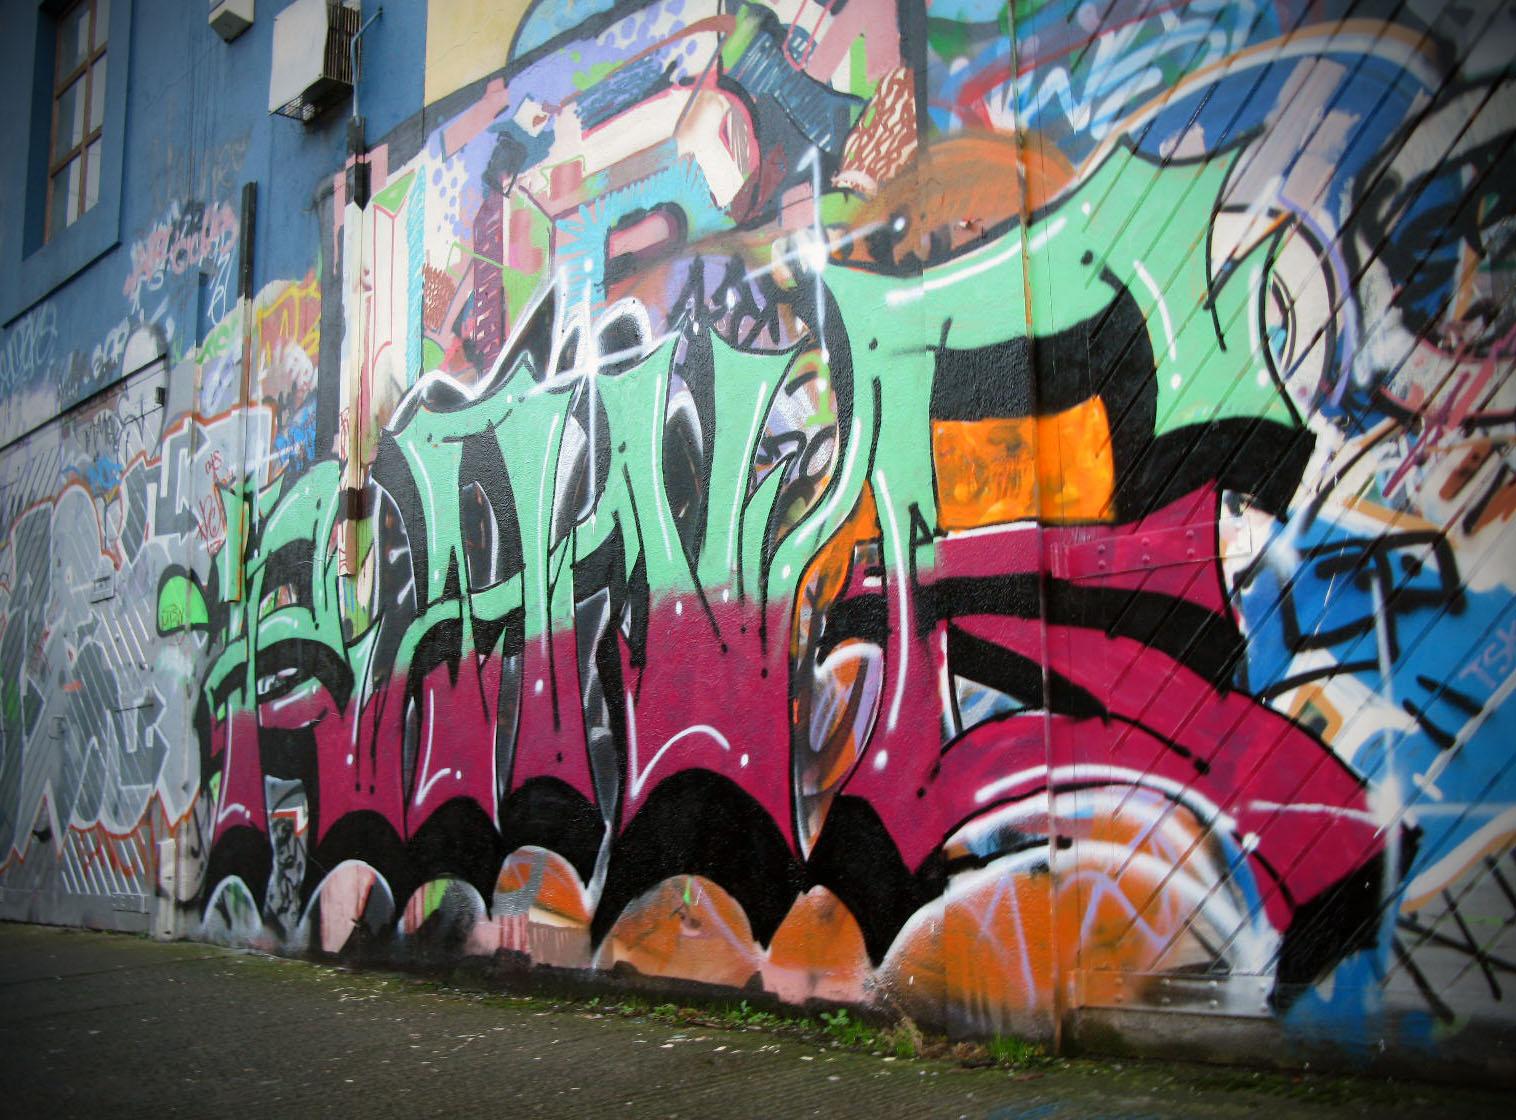 U2 graffiti wall location - Wind1 Jpg